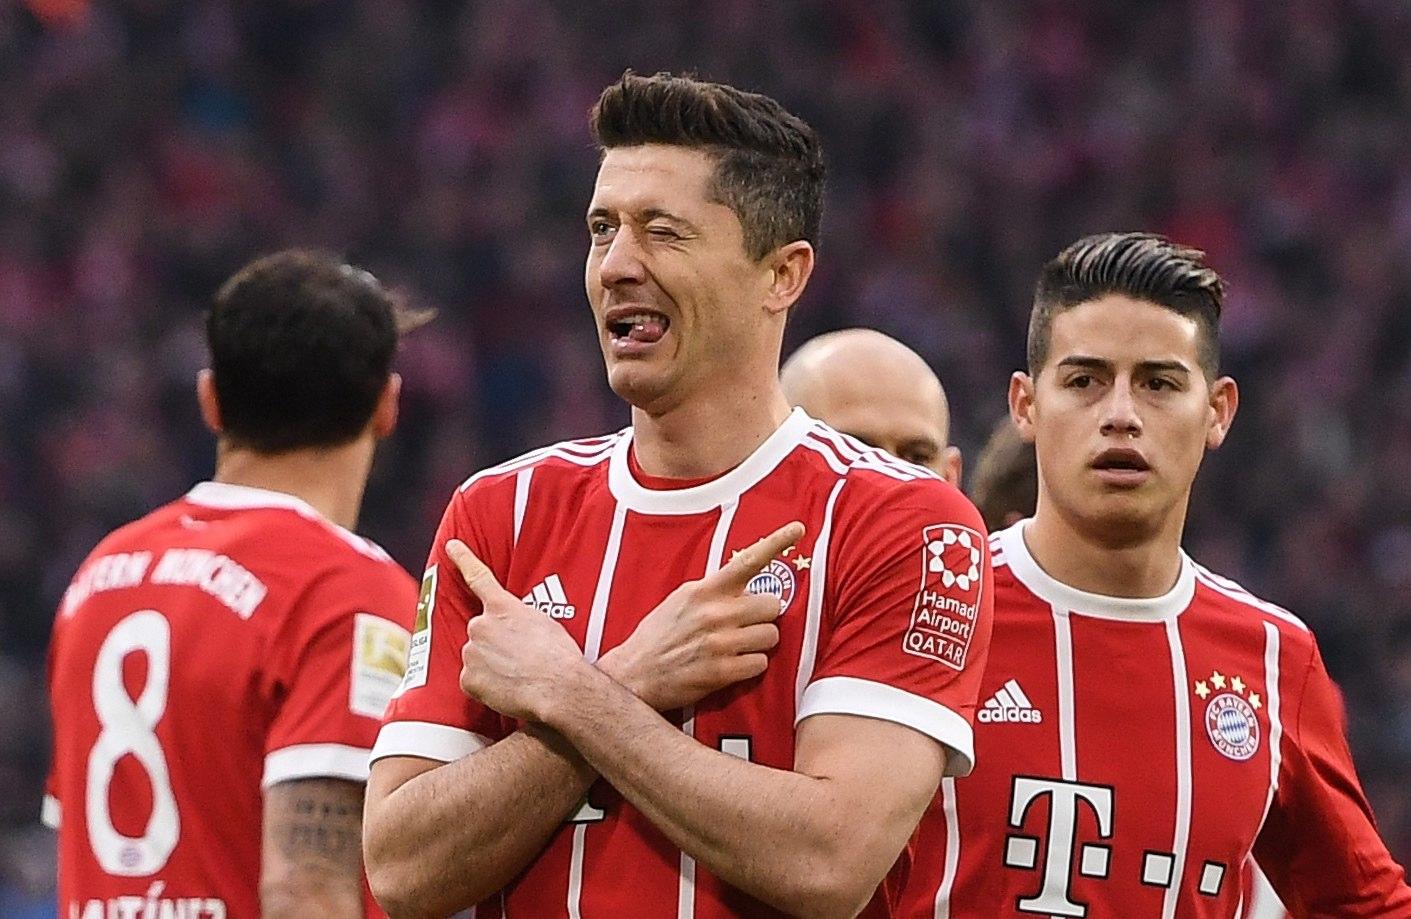 Se alguém pode vencer o Real Madrid, é o Bayern